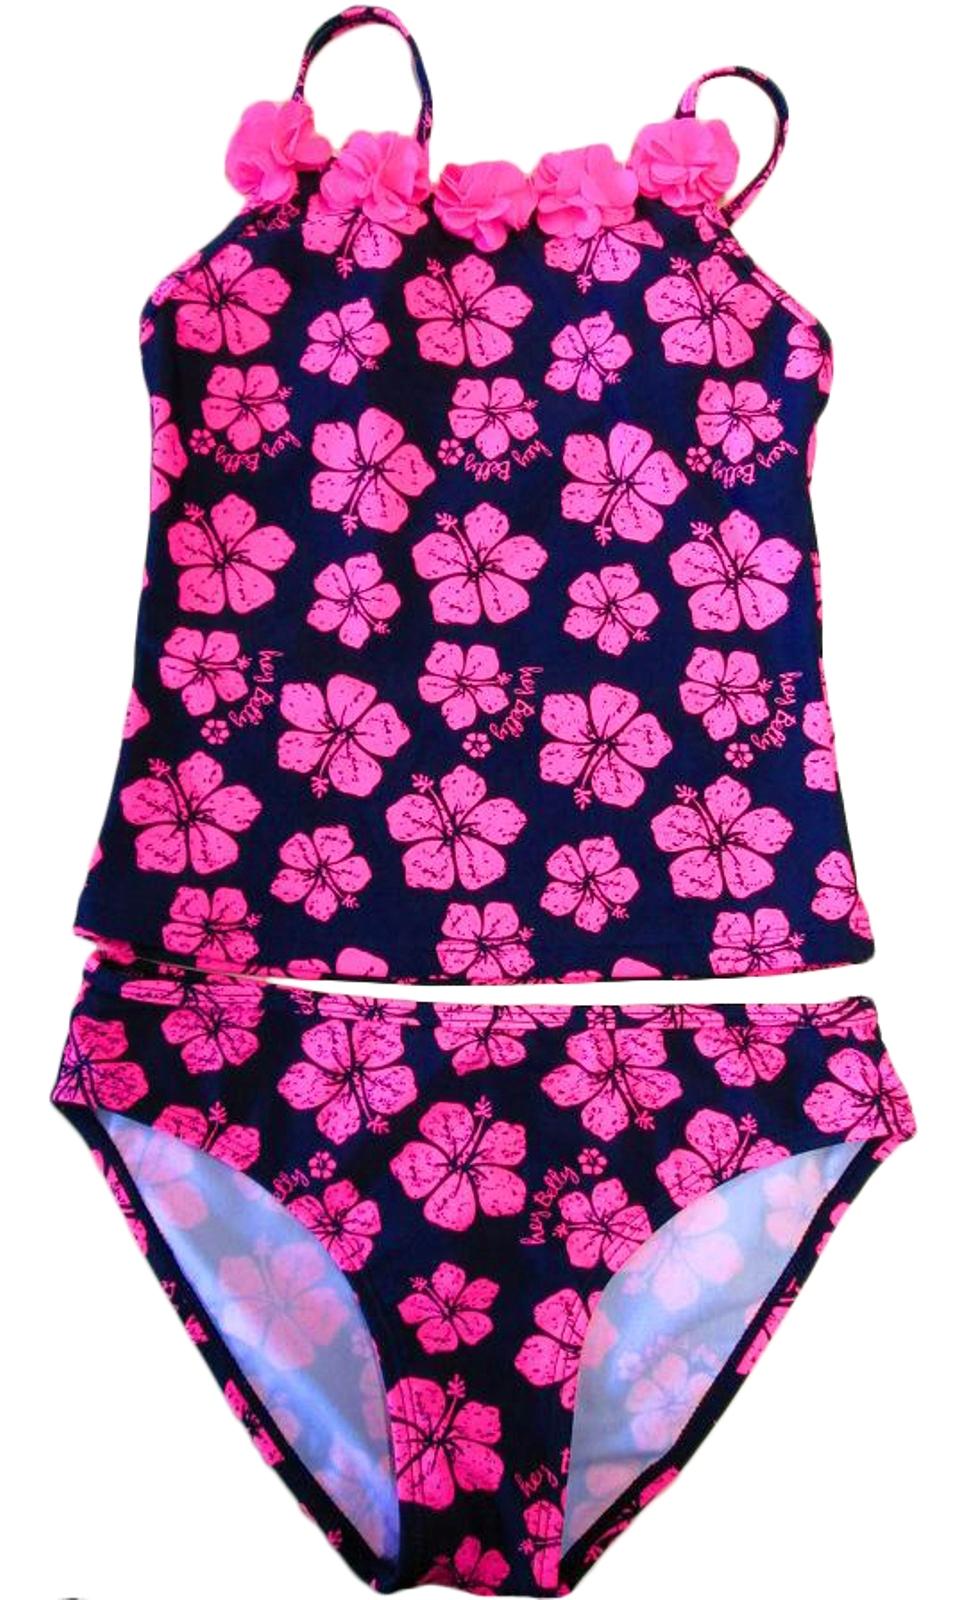 Le ragazze bikini a righe floreale estate spiaggia per - Ragazze spiate in bagno ...